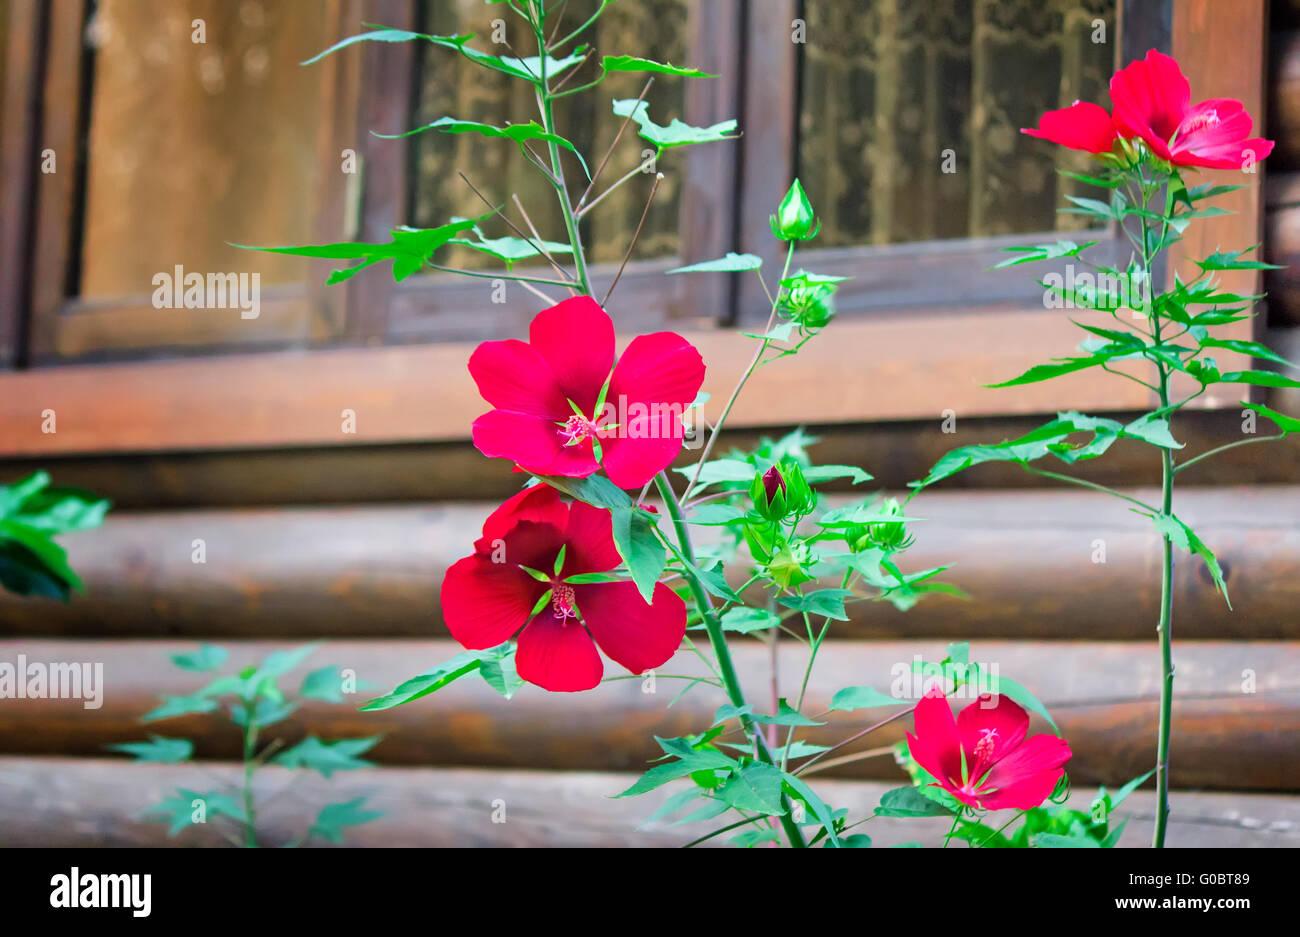 Rote Blumen Im Vorgarten In Der Nahe Des Hauses Stockfoto Bild